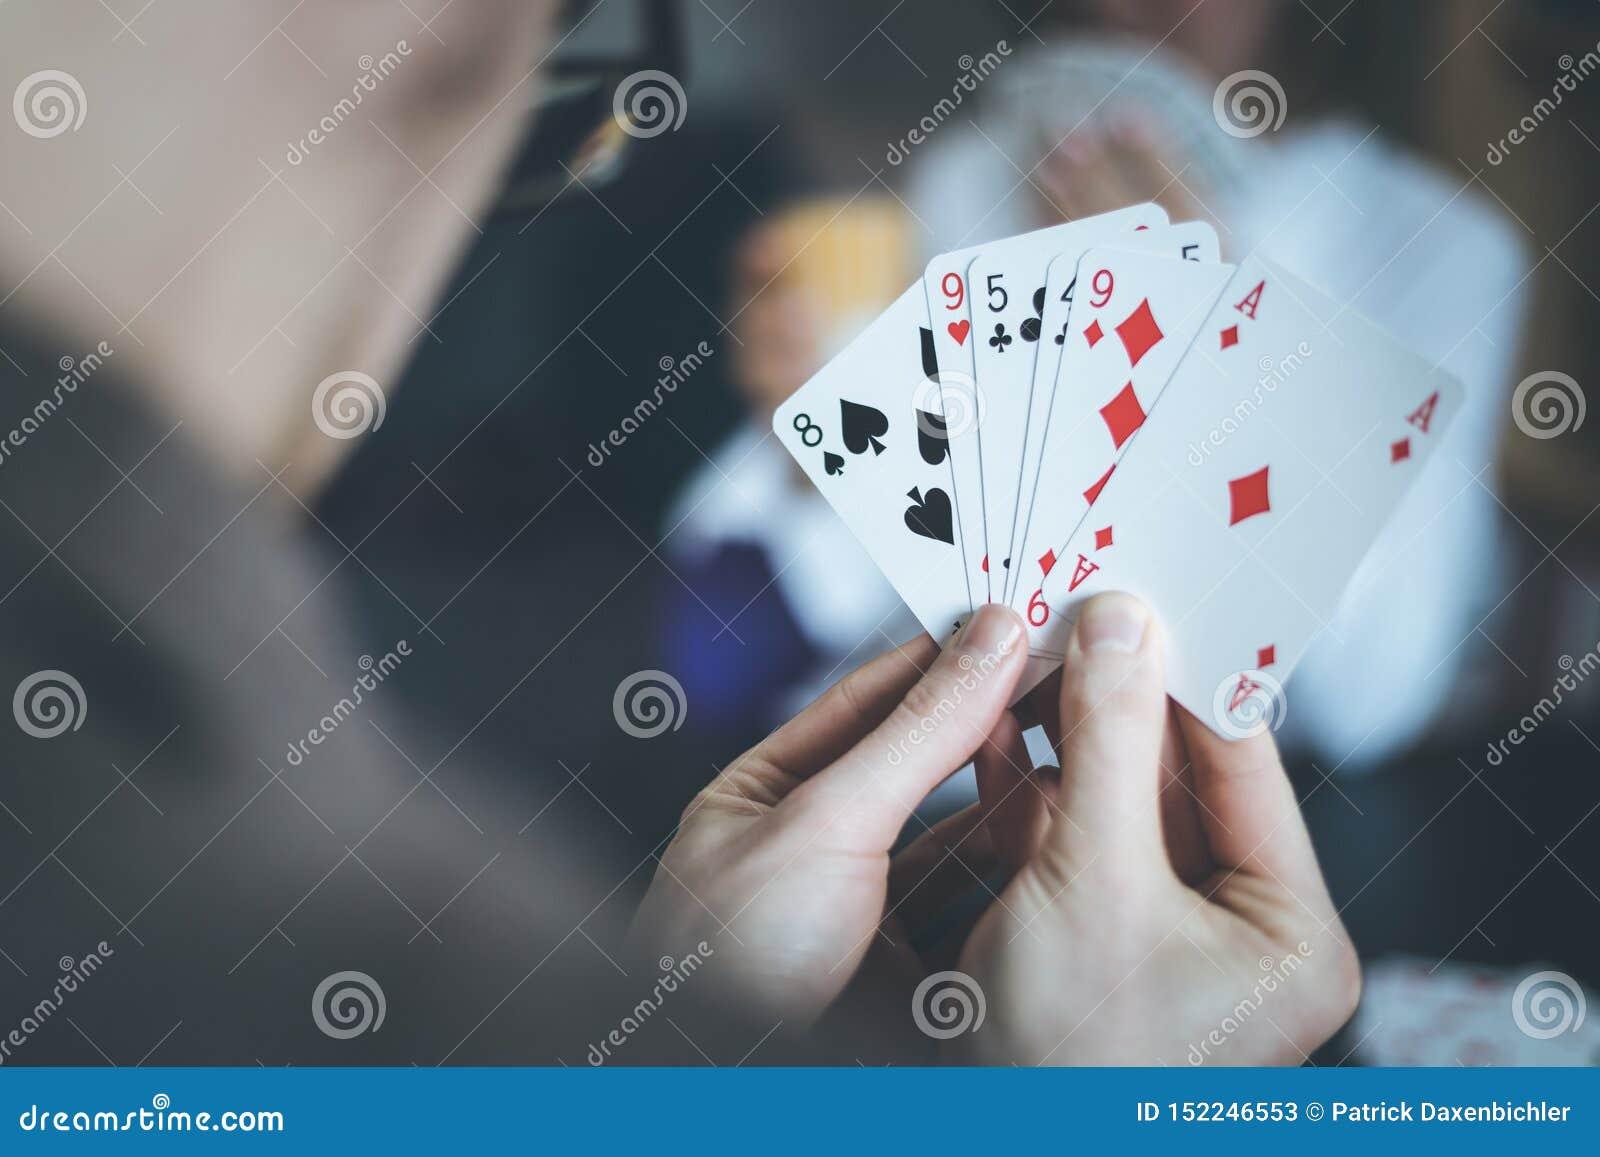 Карты играть с человеком казино x играть бесплатно без регистрации